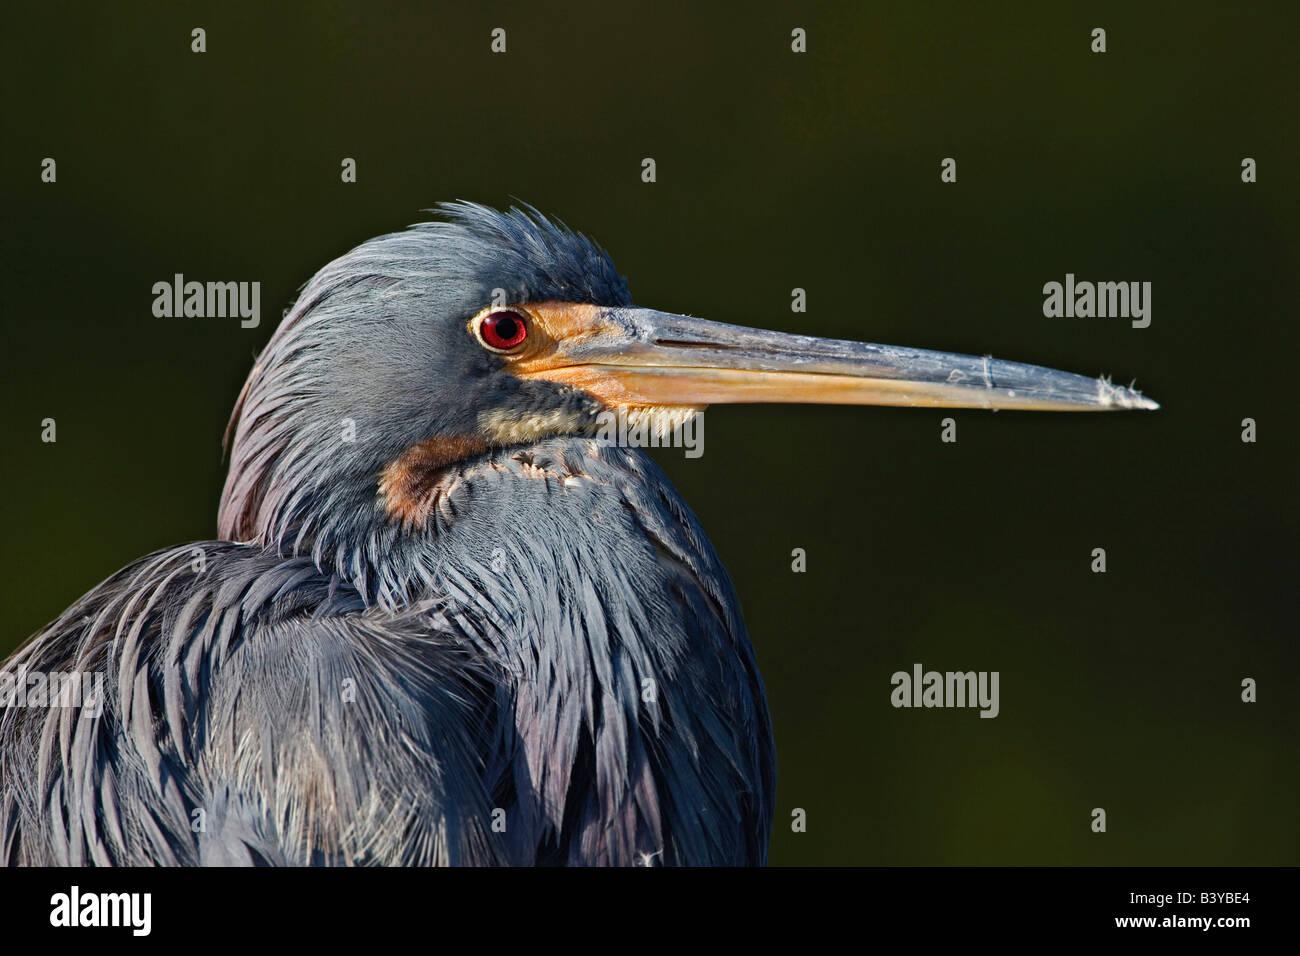 Tricolored Heron portrait, J. N. Ding Darling National Wildlife Refuge, Sanibel Island, Florida. Egretta tricolor - Stock Image